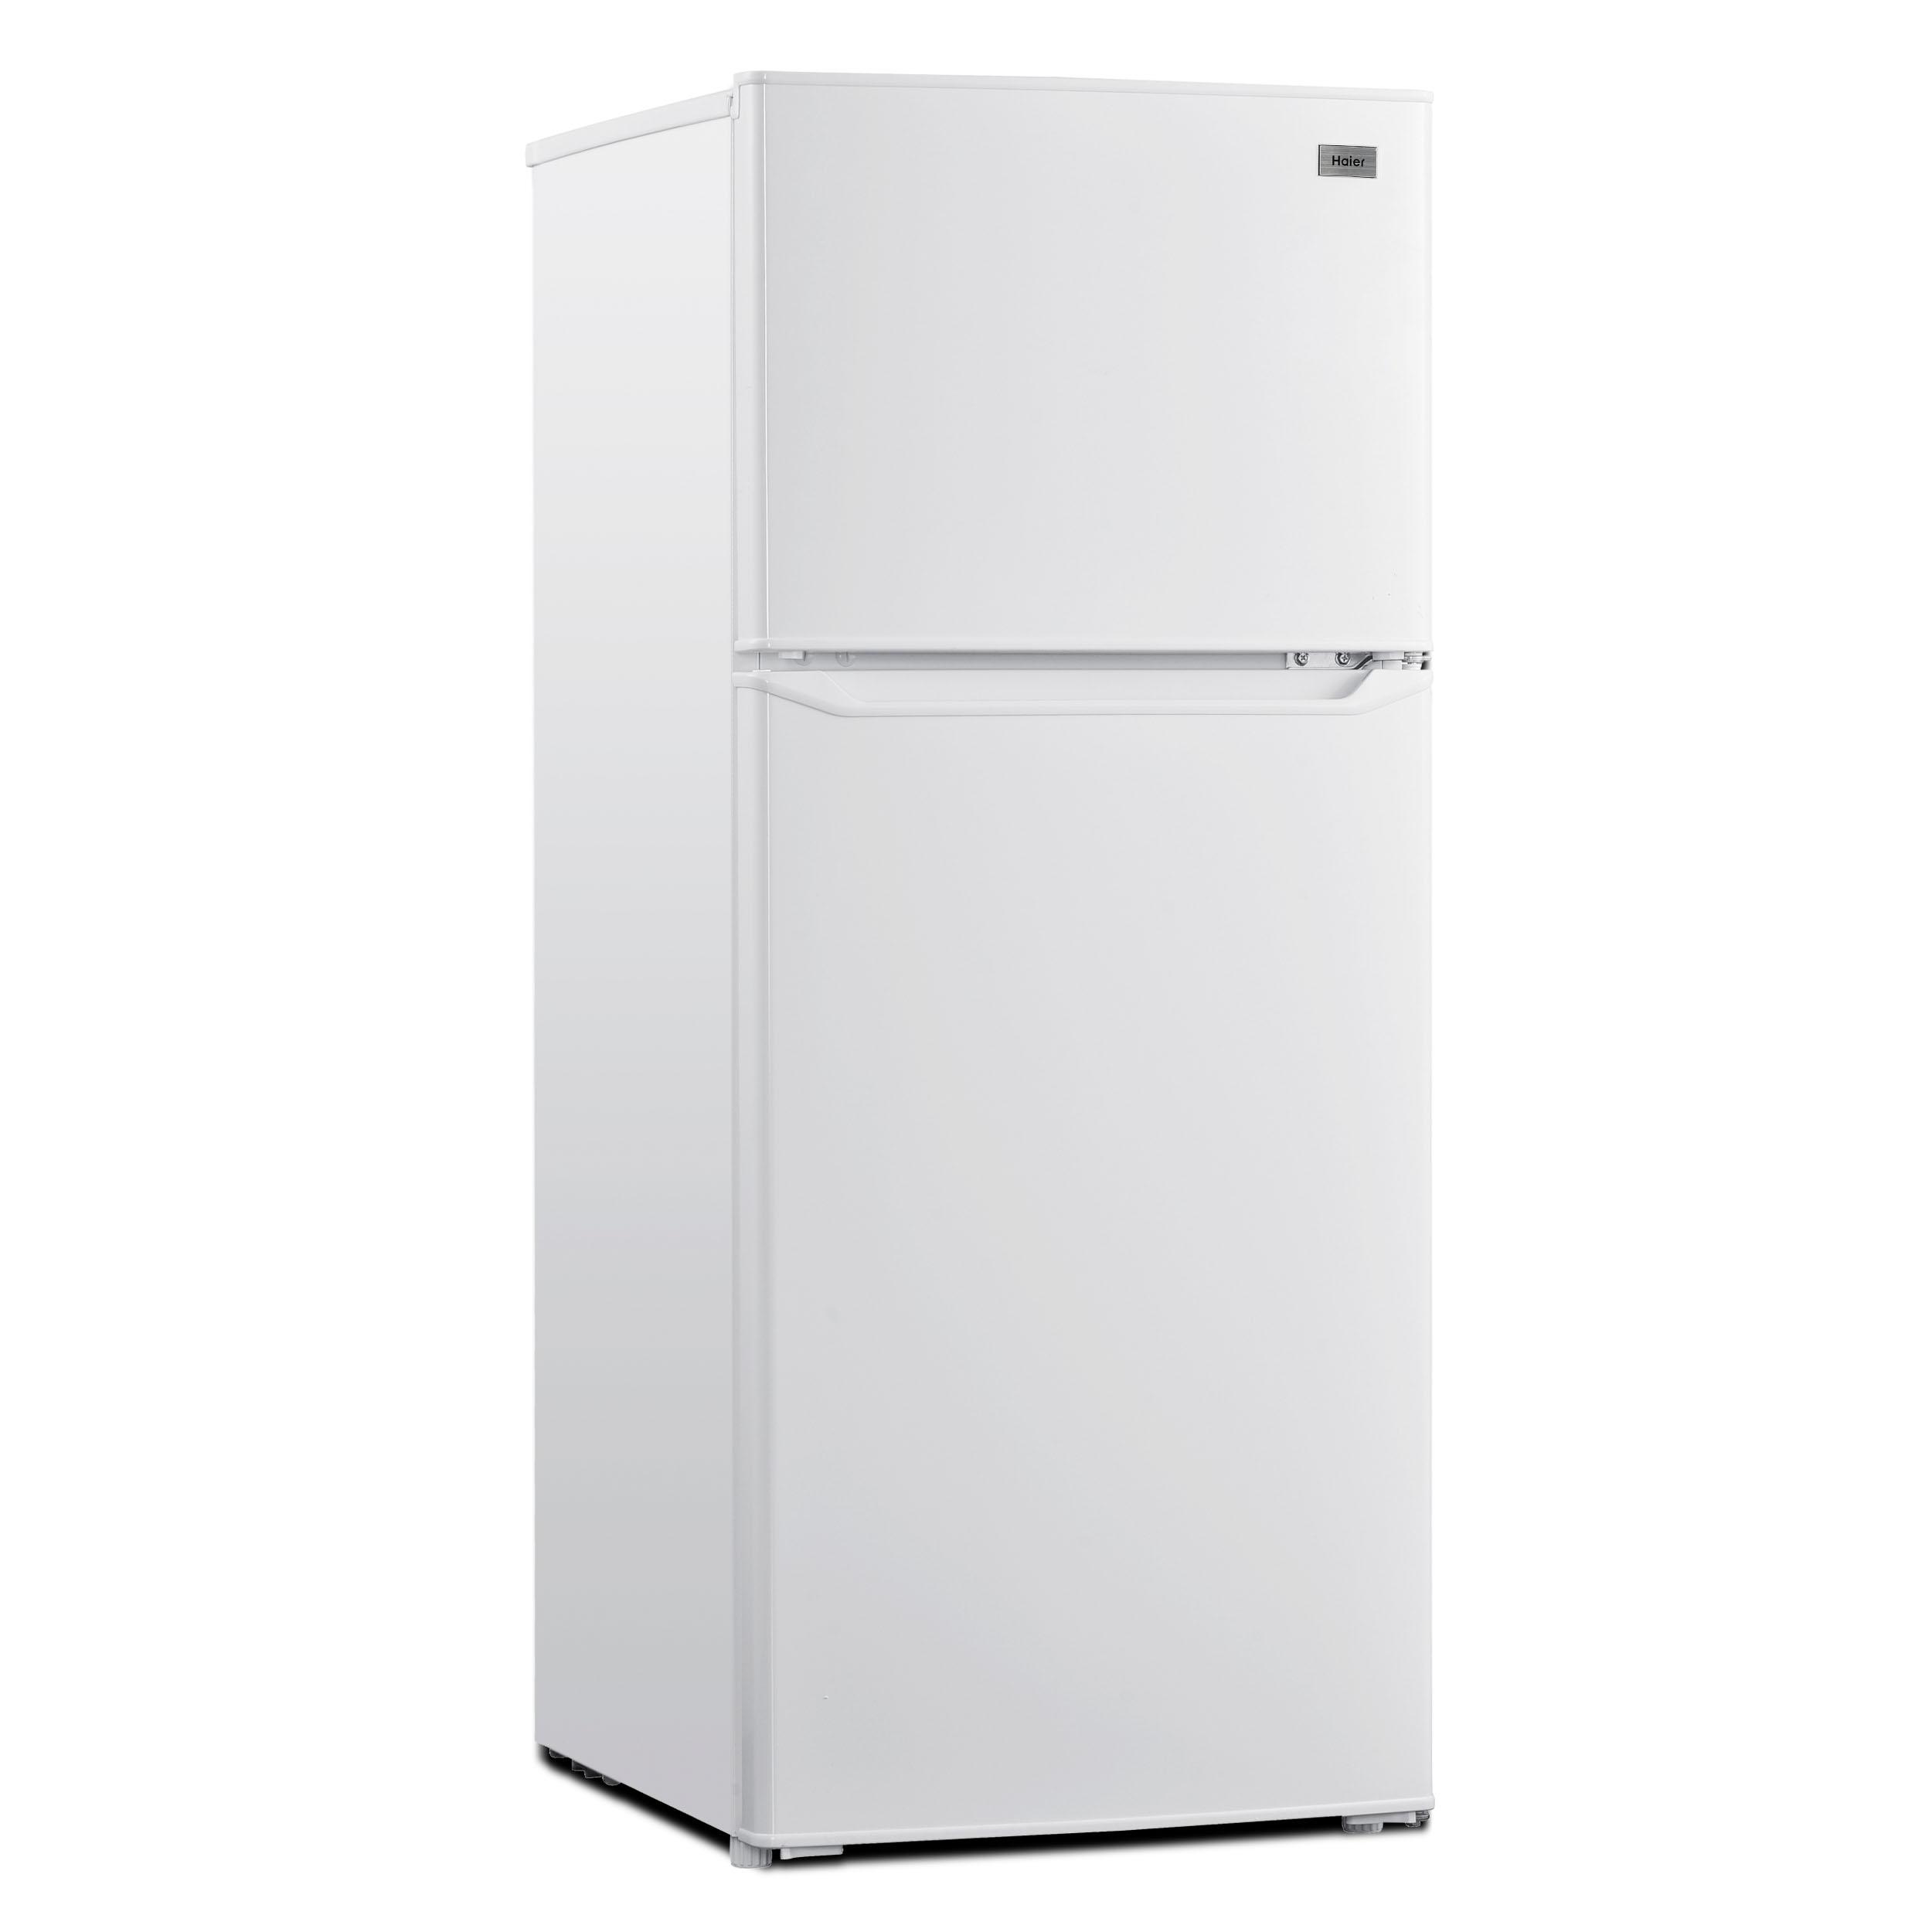 하이얼 1등급 일반소형냉장고 155L 방문설치, HRT166MDW(화이트)